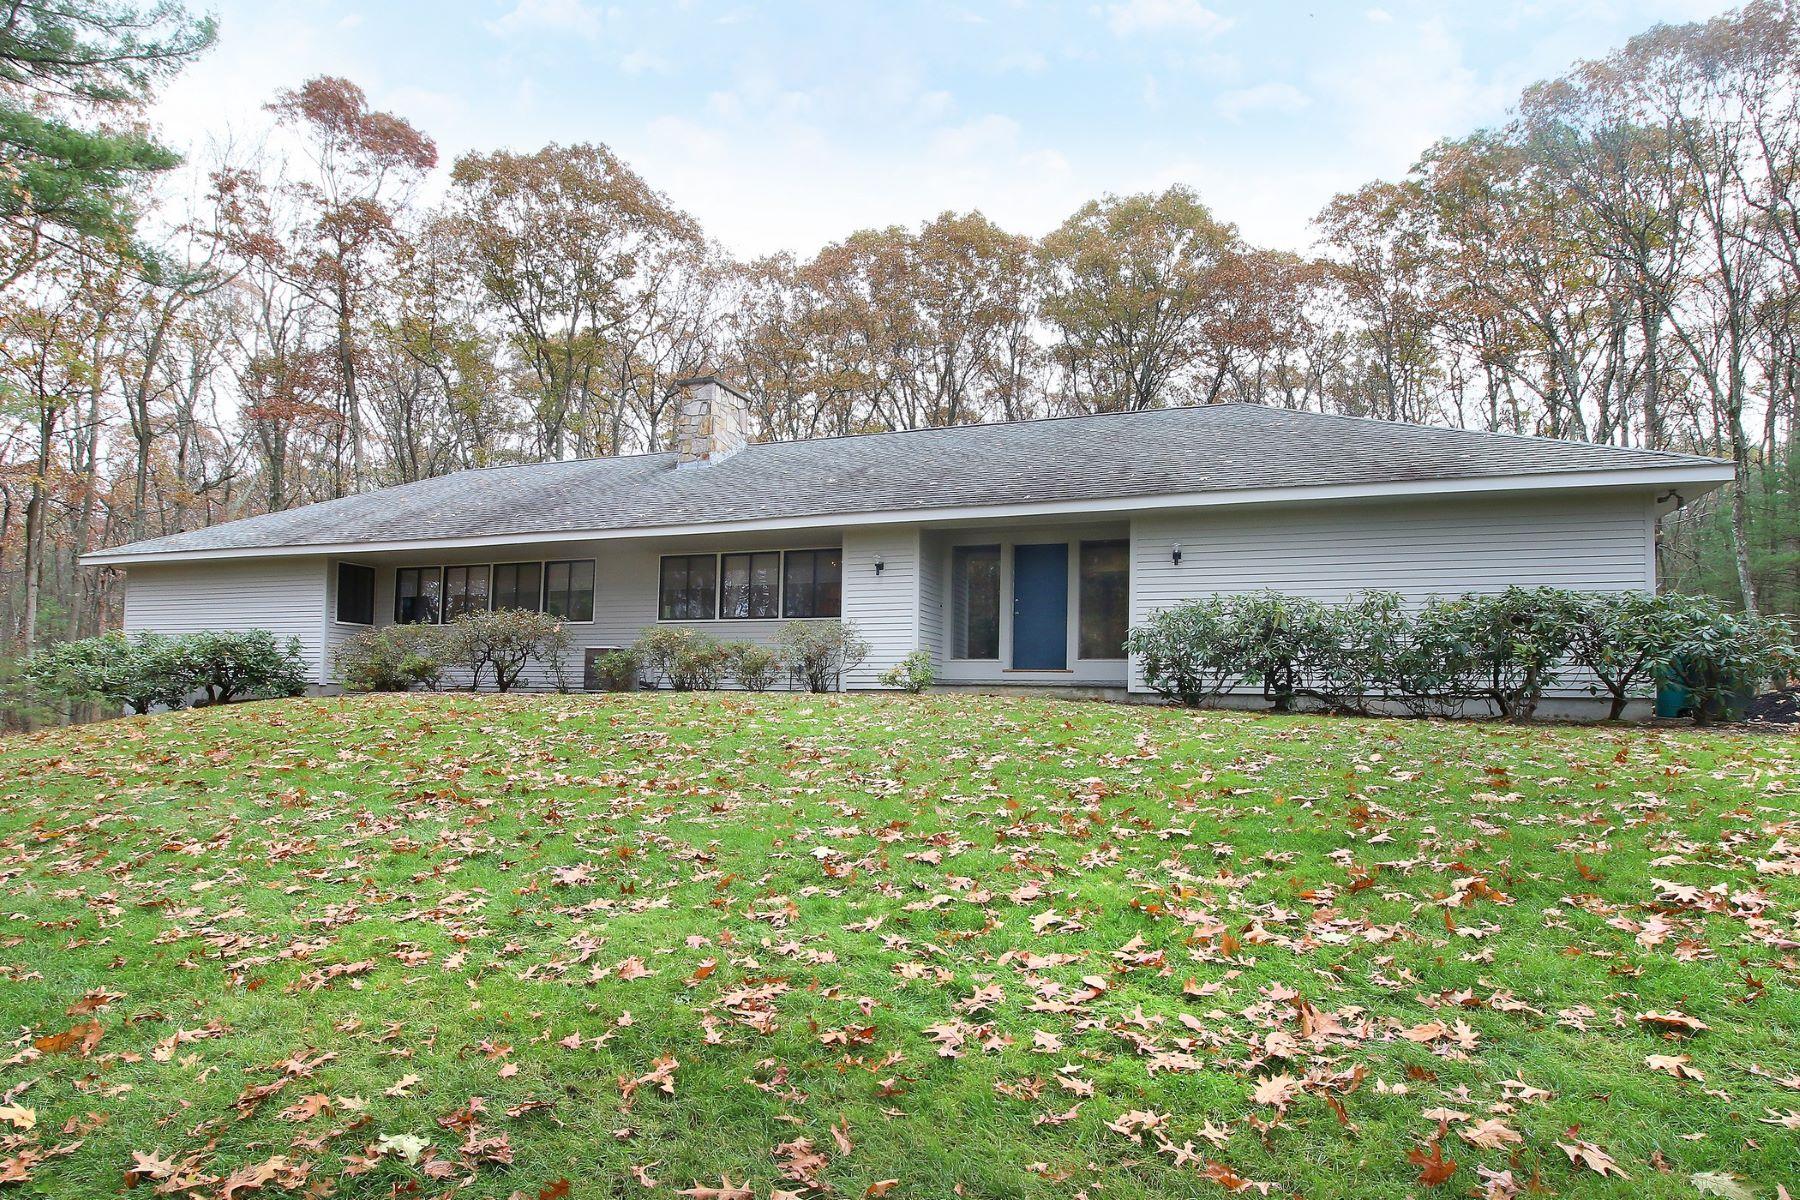 Частный односемейный дом для того Продажа на 64 Davison Drive, Lincoln 64 Davison Dr Lincoln, Массачусетс 01773 Соединенные Штаты